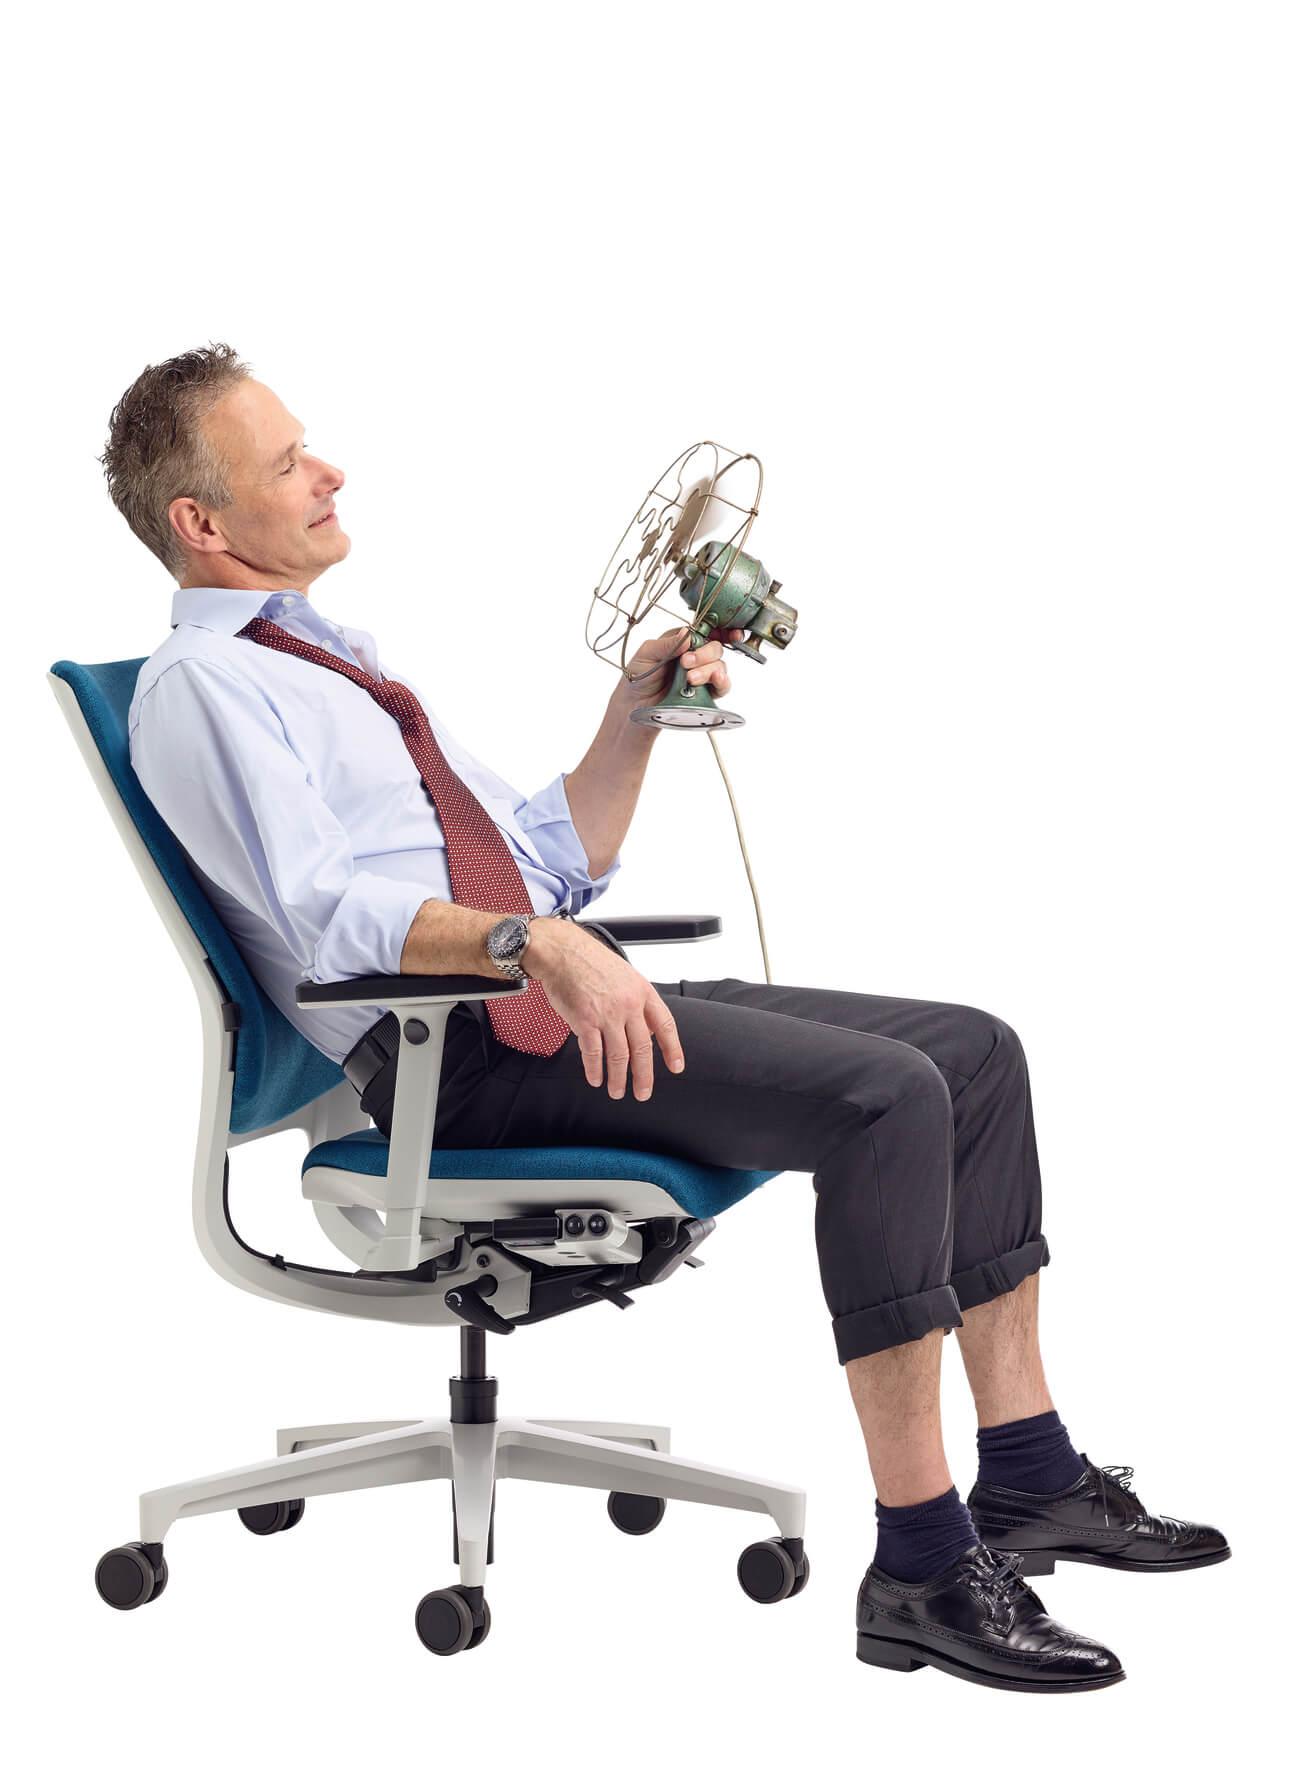 Lösung für Hitze im Office klimatisierter Bürostuhl